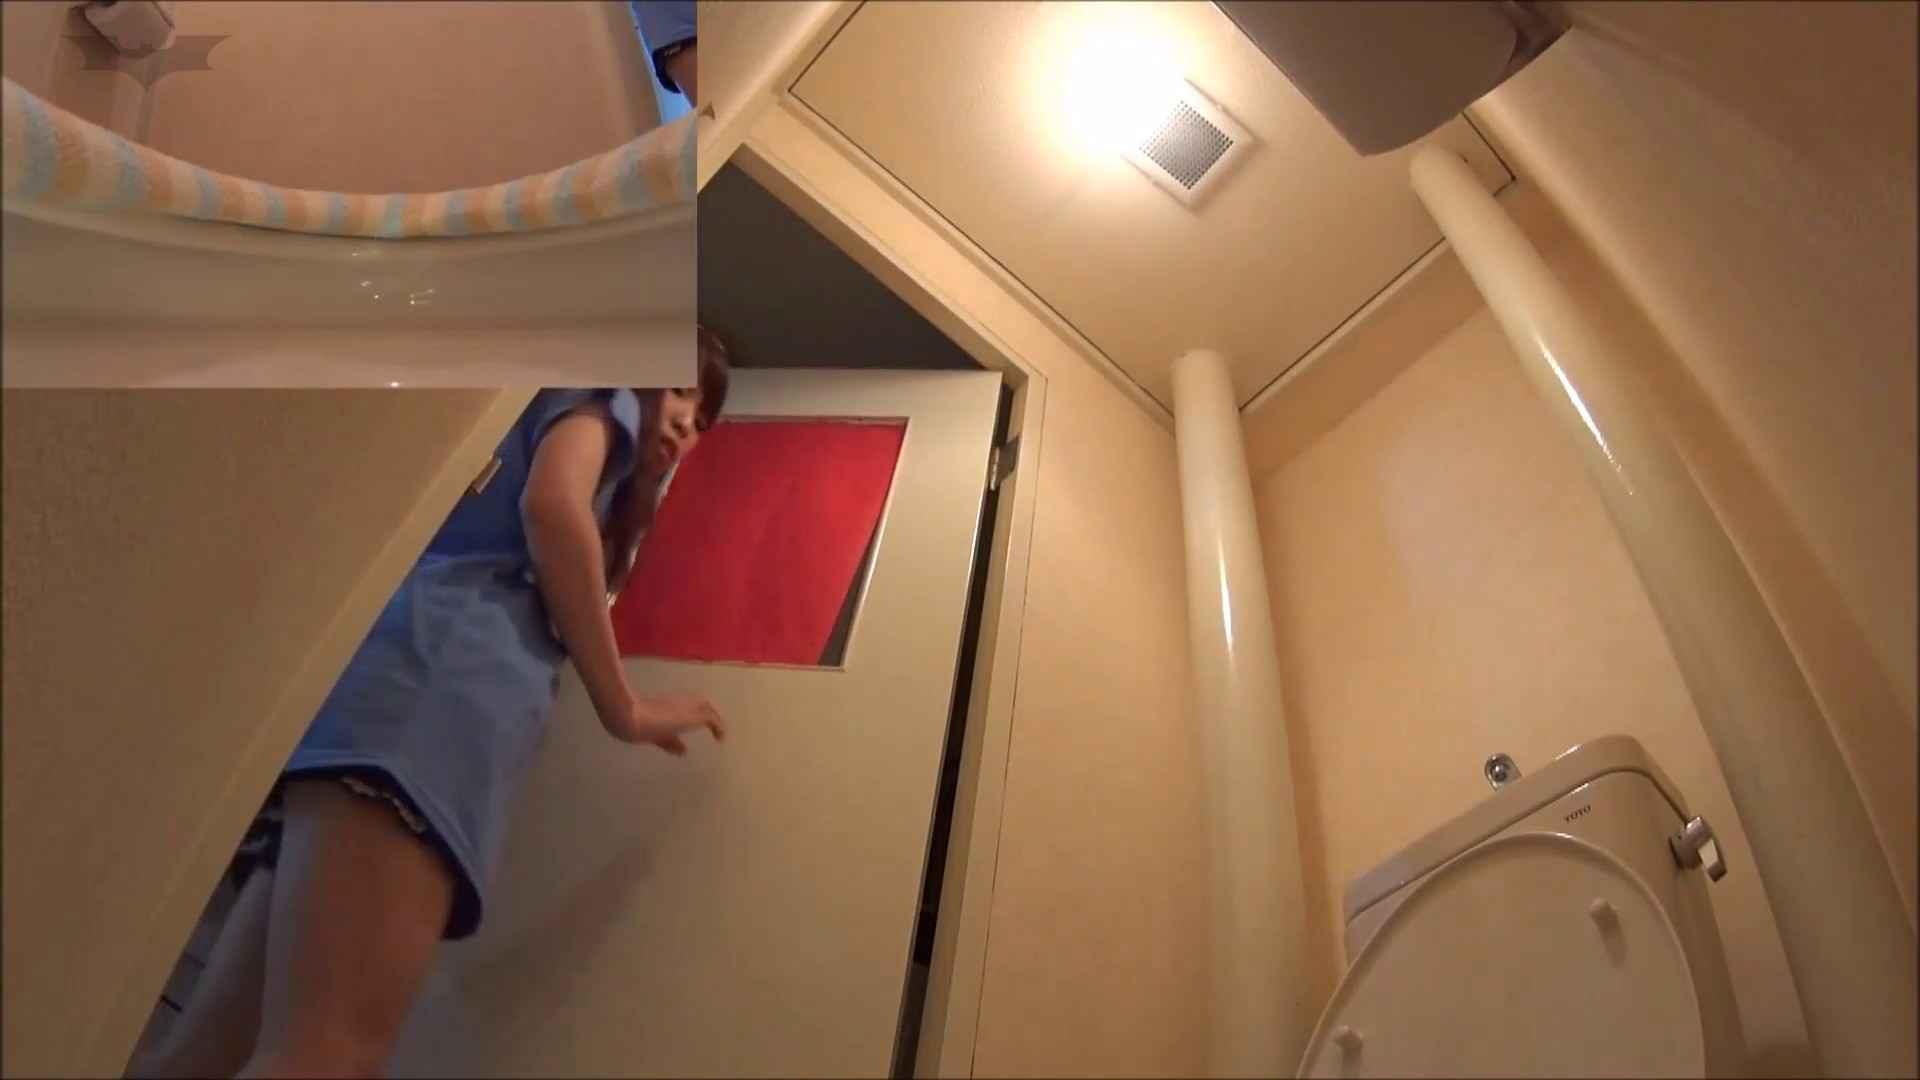 無修正エロ動画|vol.02[洗面所]実はコレが目的でした。|怪盗ジョーカー